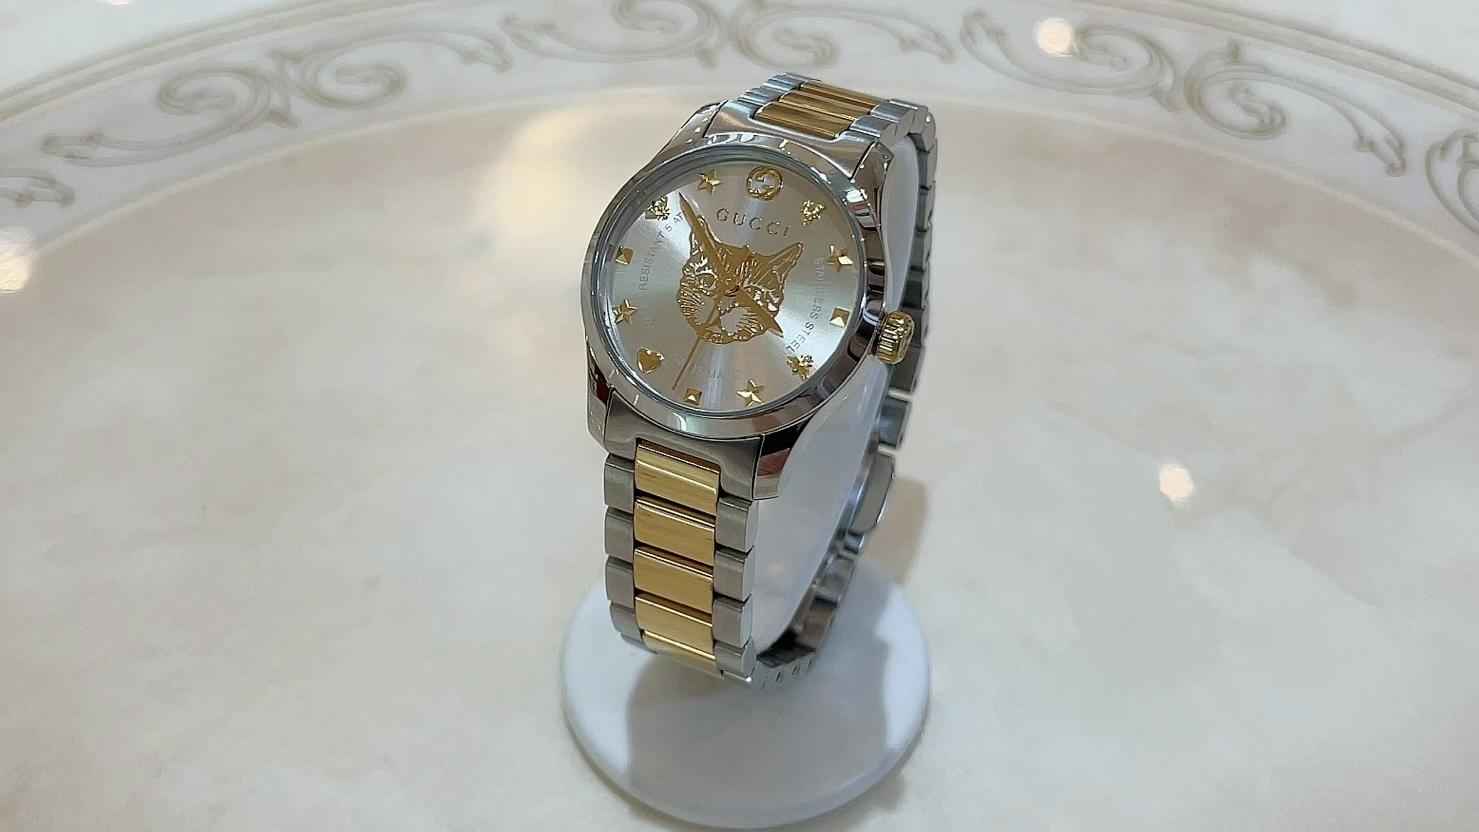 【買取速報】腕時計、ステンレス、GUCCI-2021-06-04